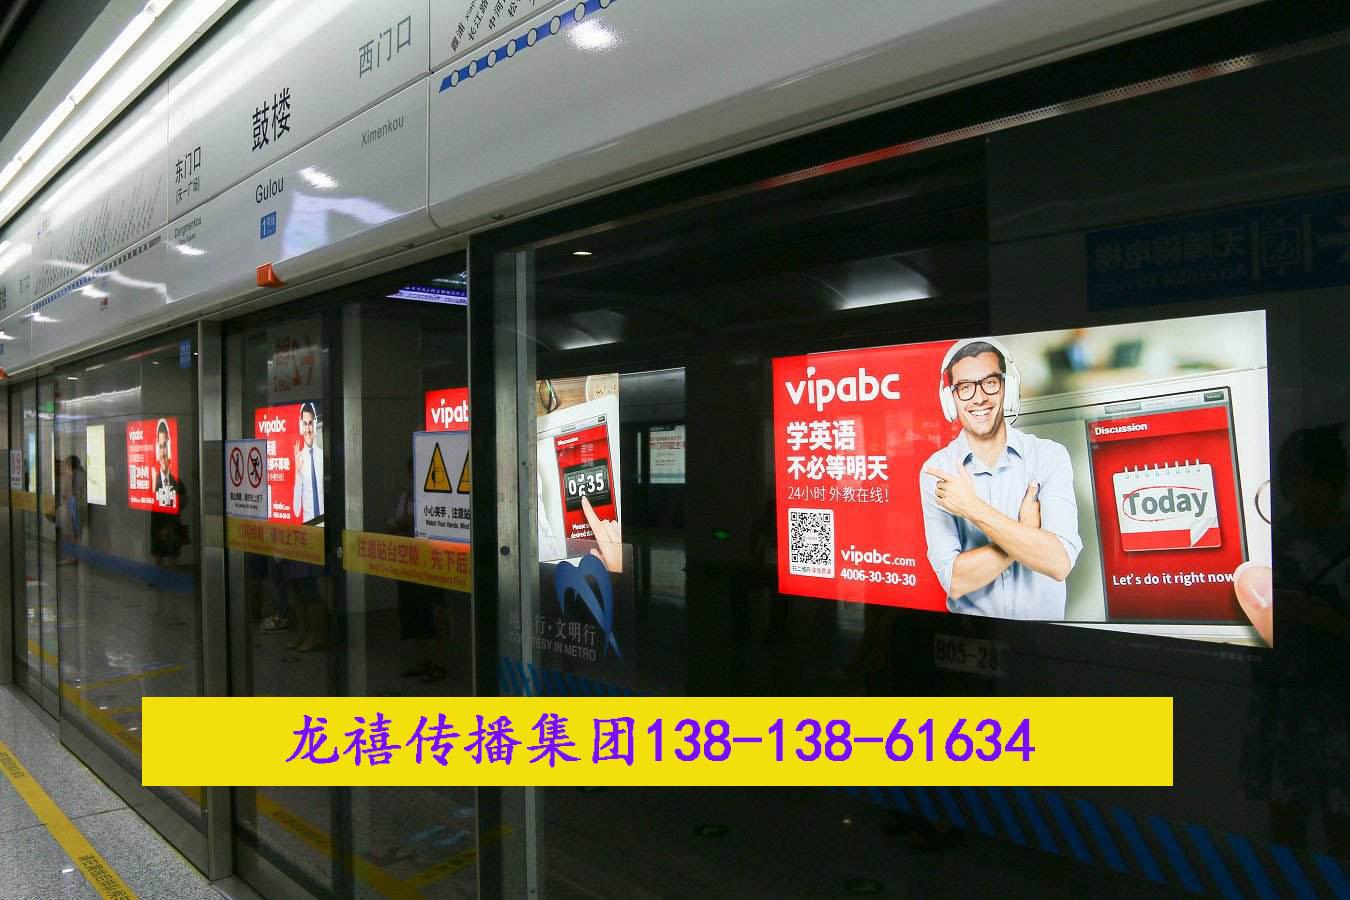 上海虹桥站高铁广告发布包月推广